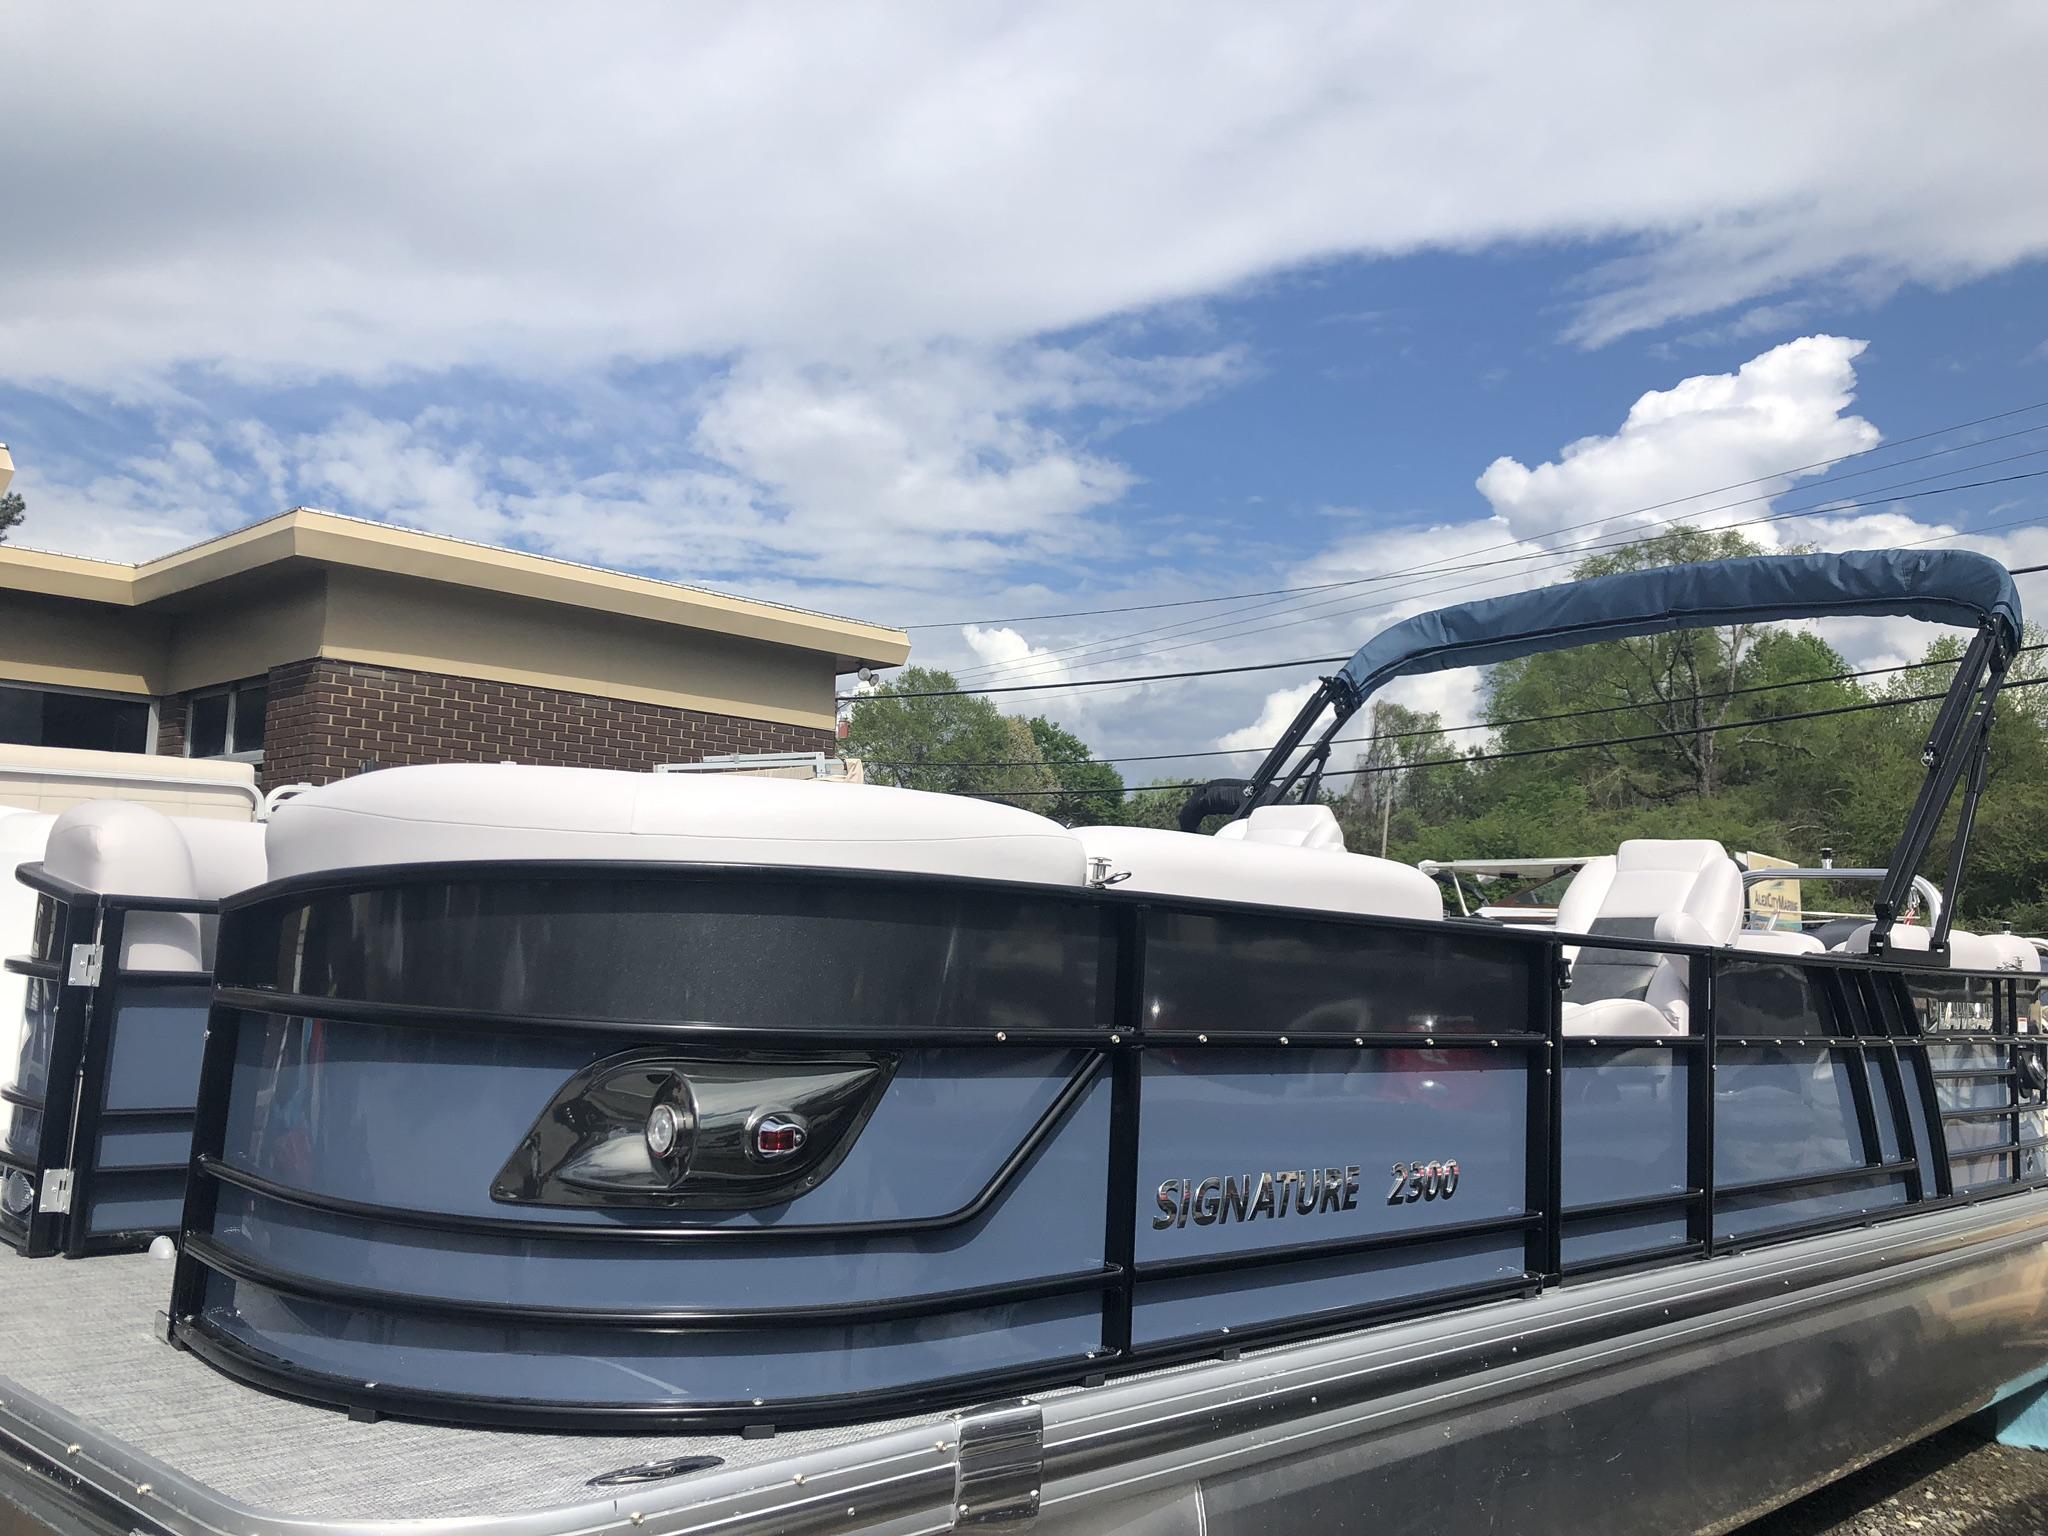 2019 Landau Signature Series 2300 Cruise 3 - View Details